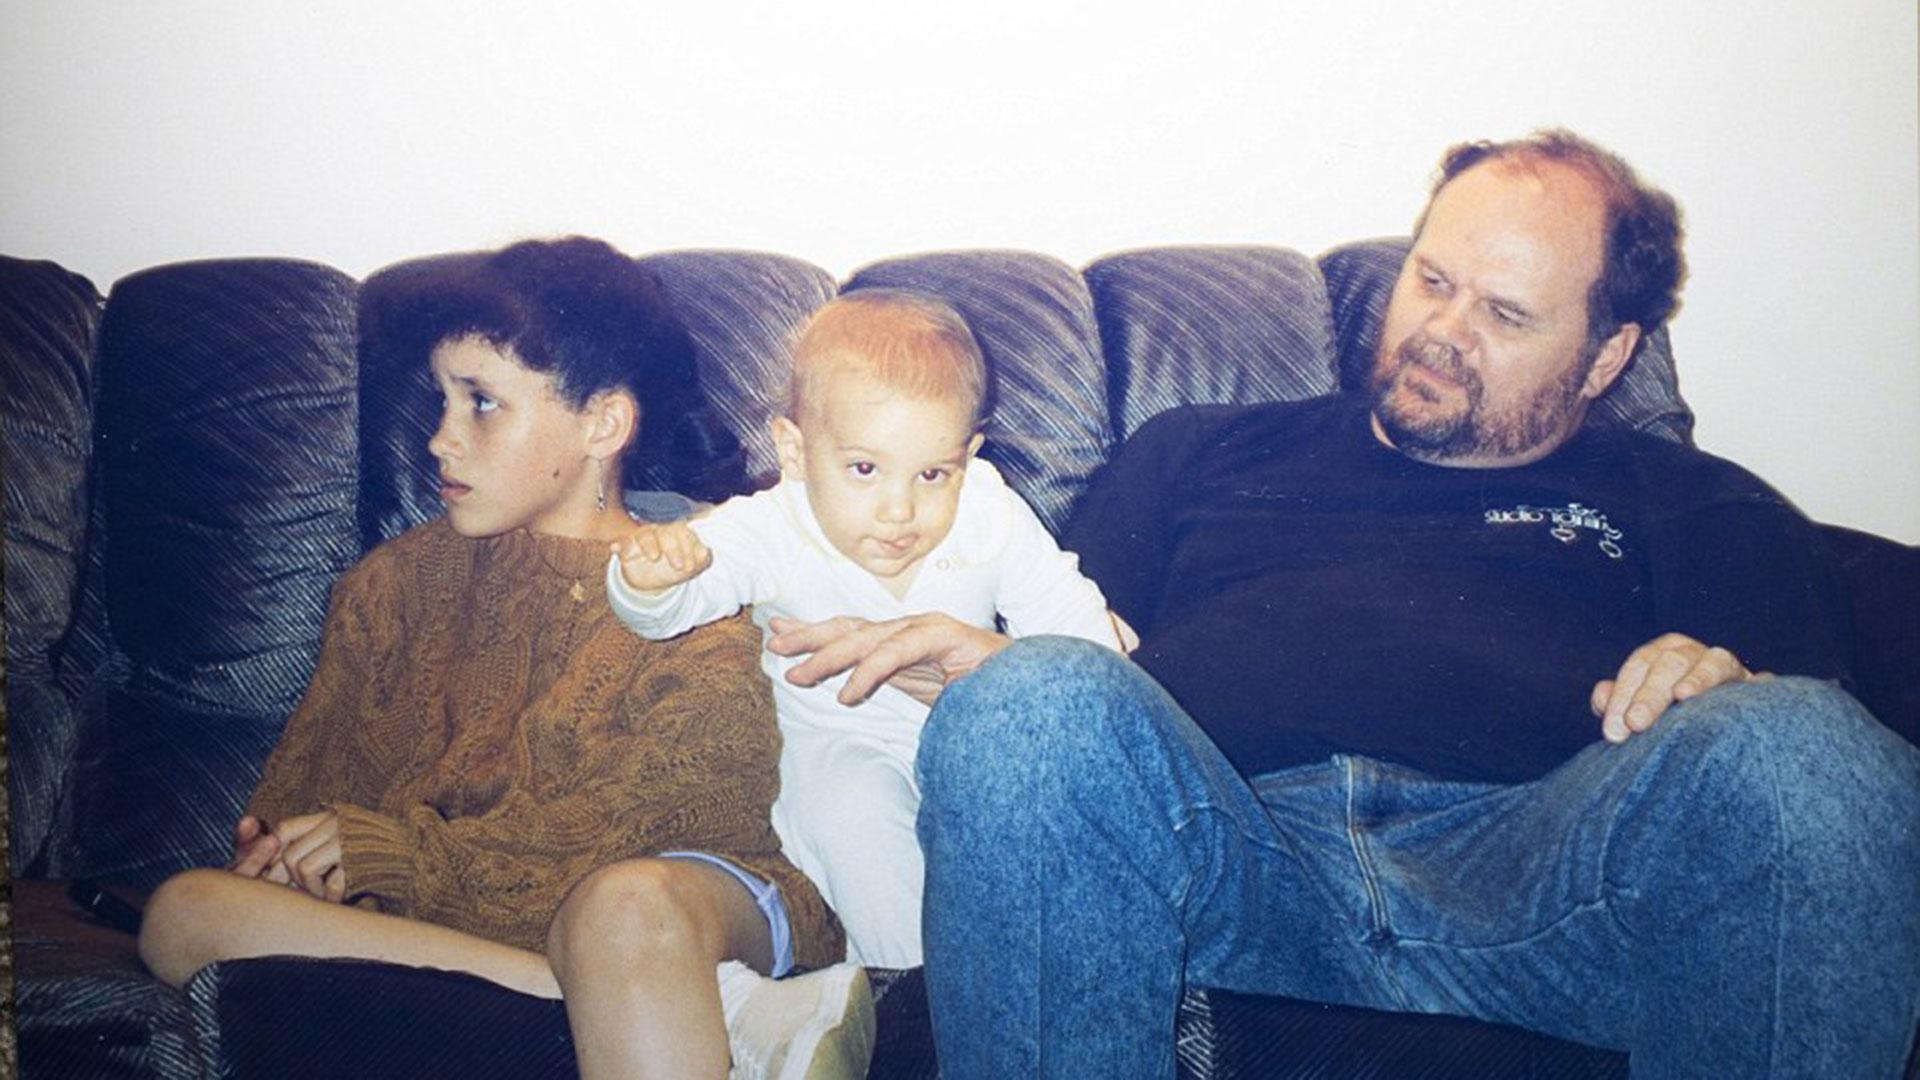 Postal familiar: junto con su padre Thomas Markle -del cual heredó su perfil artístico,ya que él fue director de iluminación de televisión y ganó un Emmy- y uno de sus medios hermanos